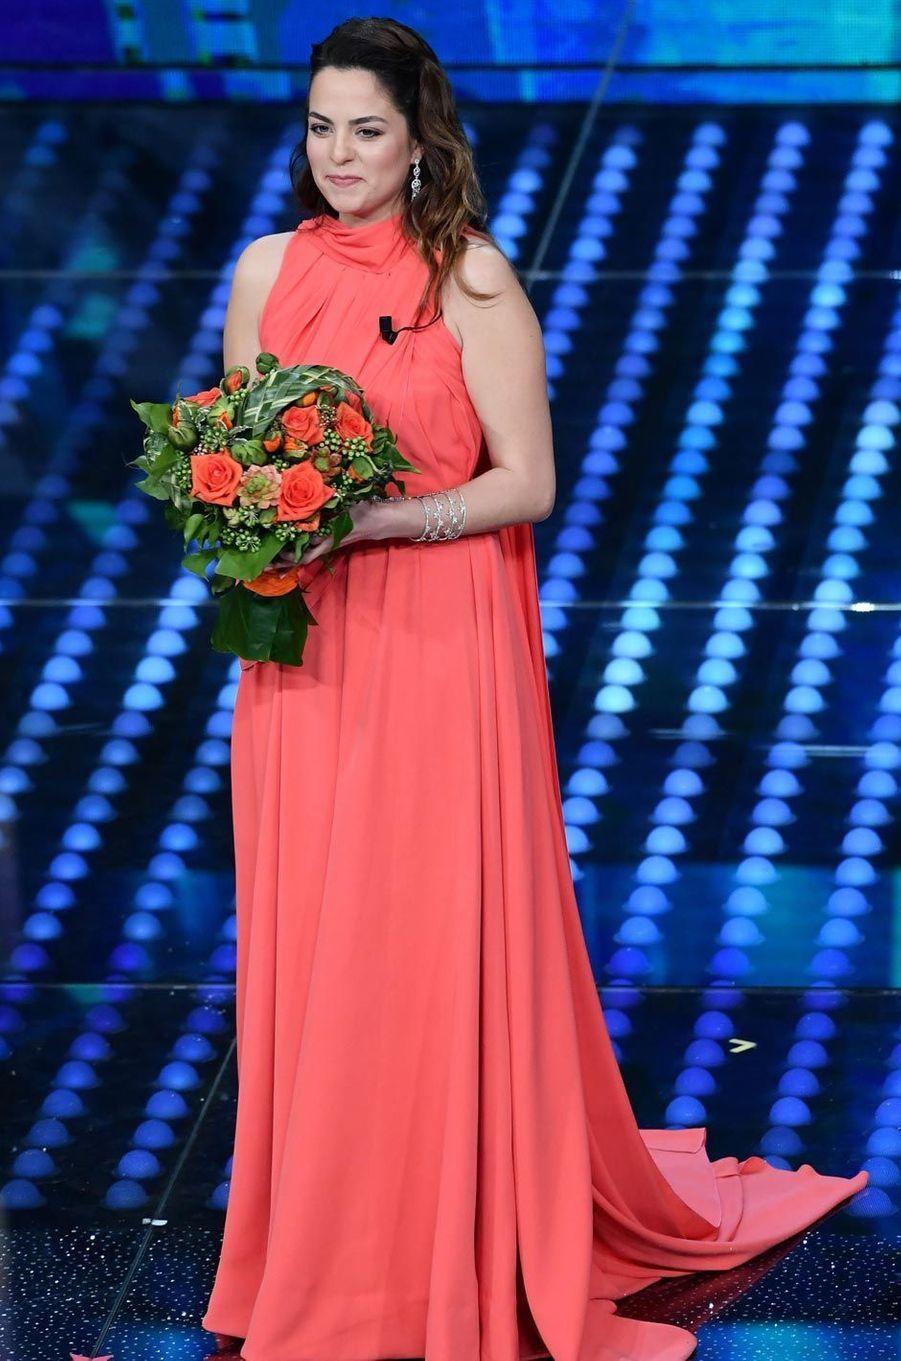 Anouchka Delon avec un bouquet de fleurs.